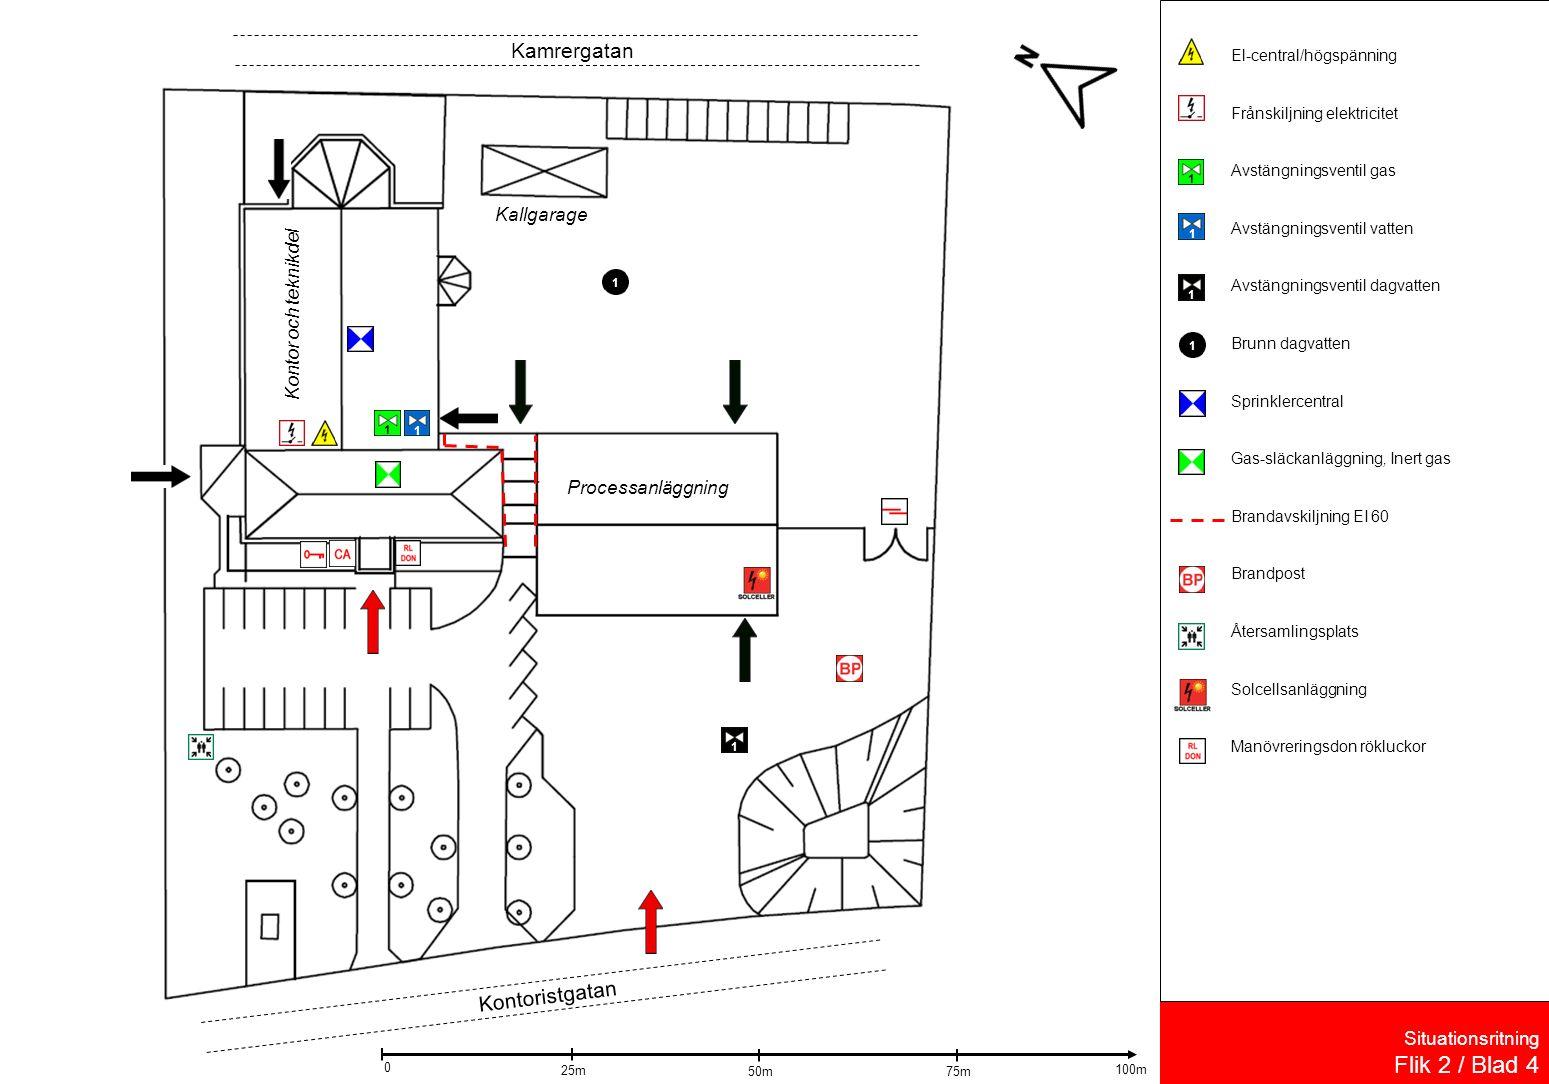 Kontor och Teknik-del Flik 3 / Blad 5 Kontor och Teknik-del Byggnadsinformation Byggnadsår: 2010 Våningsantal: 2 Byggnadsklass: BR 2 Bärighet: R60 Sektionering: EI60 mot Processanläggning Takkonstruktion: Låglutande tak av lättbetong som bärande konstruktion Verksamhet: Kontor och Teknik Personantal (dag/natt): 10/5 Skyddsvärda objekt: serverrum, plan 1 Risker i byggnaden El-central/högspänning, plan 1 Brandtekniska installationer Släcksystem: Inert gas-anläggning, plan 1 Styrfunktioner för räddningstjänsten: Sprinklercentral, plan 1 Brandgasventilation: Rökluckor styrs manuellt från manövercentral vid CA Utrymningslarm: automatiskt Avstängningar Avstängningsventil gas Avstängningsventil vatten Frånskiljning elektricitet Se även Flik 7 Blad 13 1 1 1 1 EI60 1 2 50m 25m 75m 100m 0